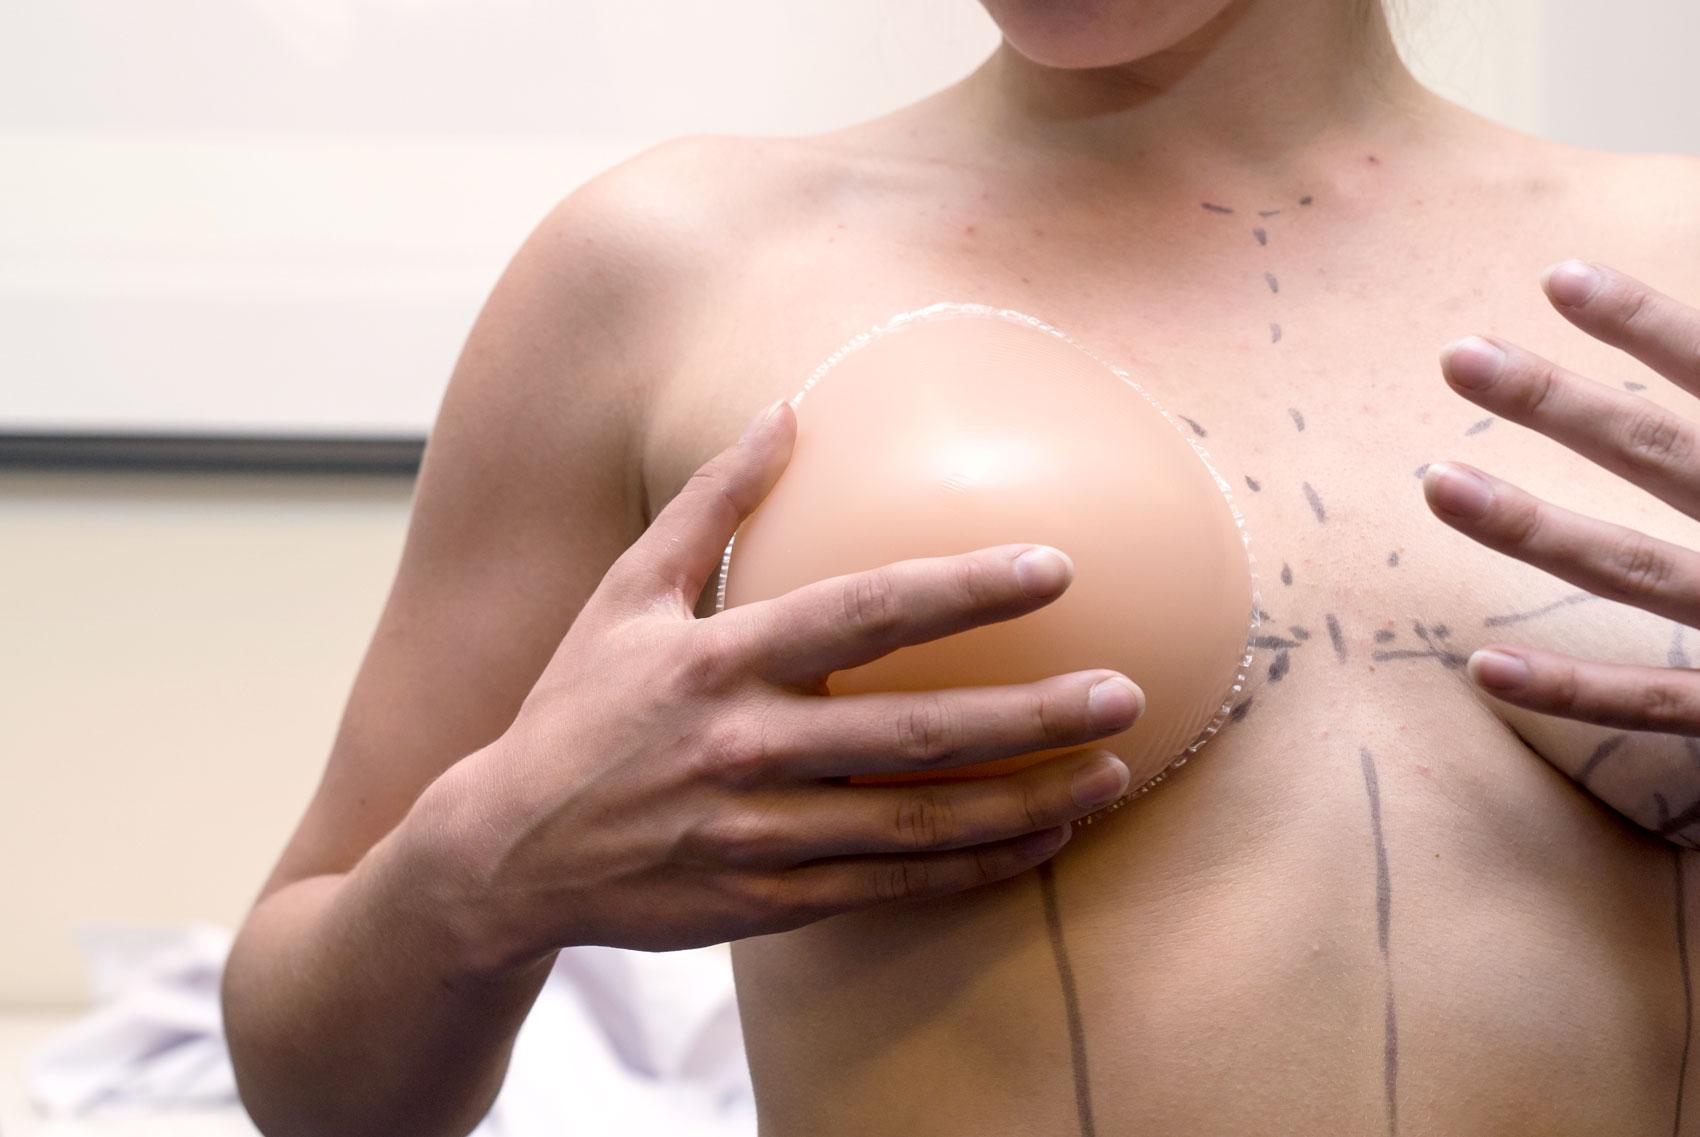 väljer storlek på bröstimplantat inför bröstoperation